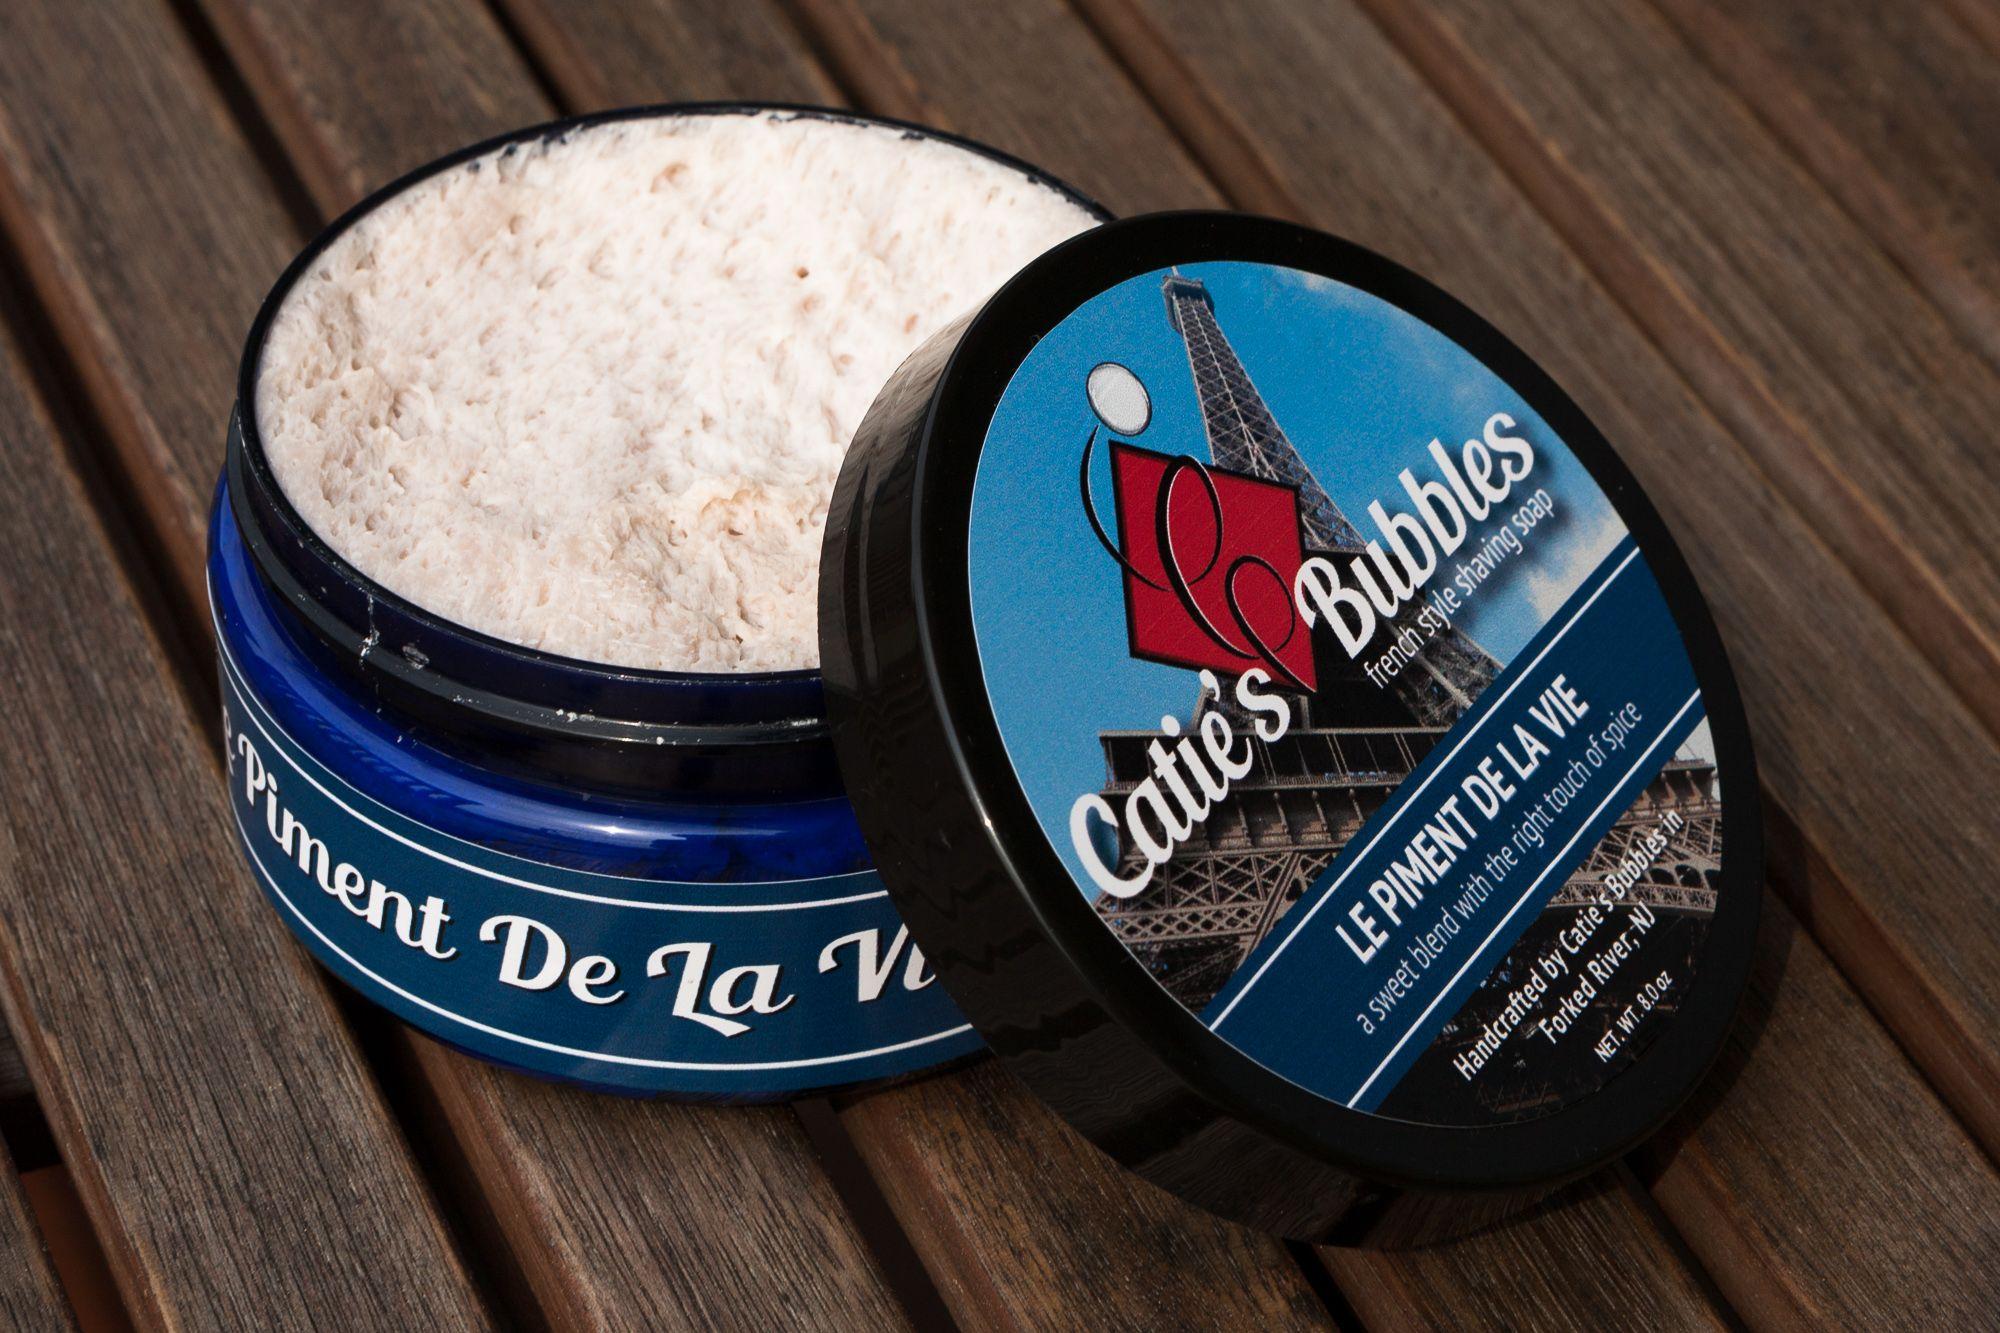 You are currently viewing Catie's Bubbles Le Piment de la Vie Shaving Soap – recenzja mydła do golenia